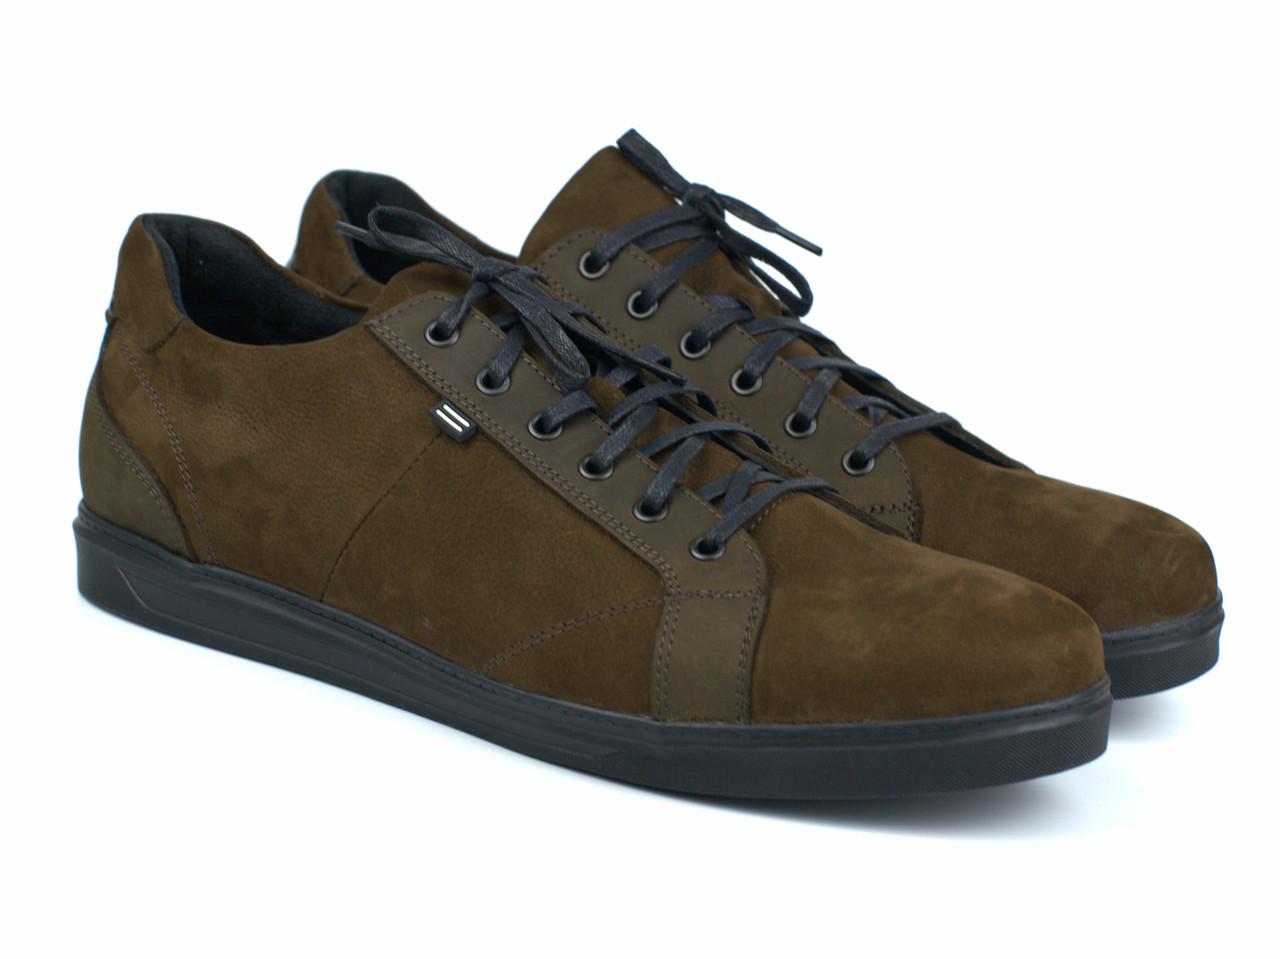 Кросівки коричневі нубук кеди чоловіче взуття великих розмірів Rosso Avangard Puran Brown Nub BS